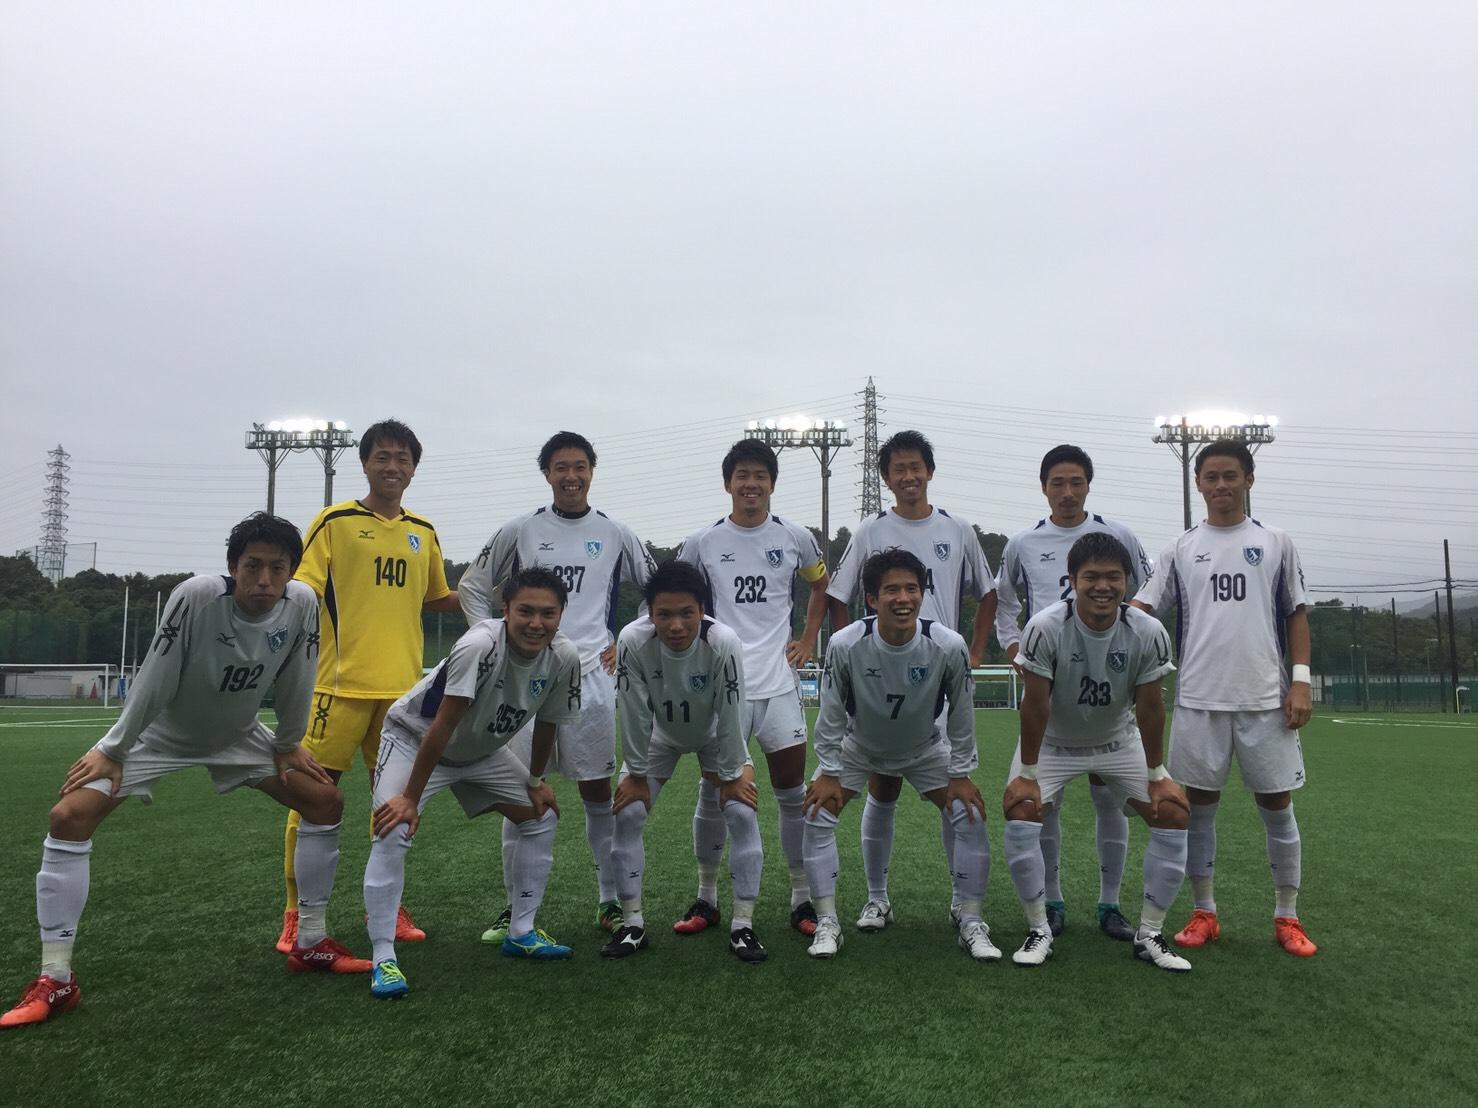 びわこ 成蹊 スポーツ 大学 サッカー